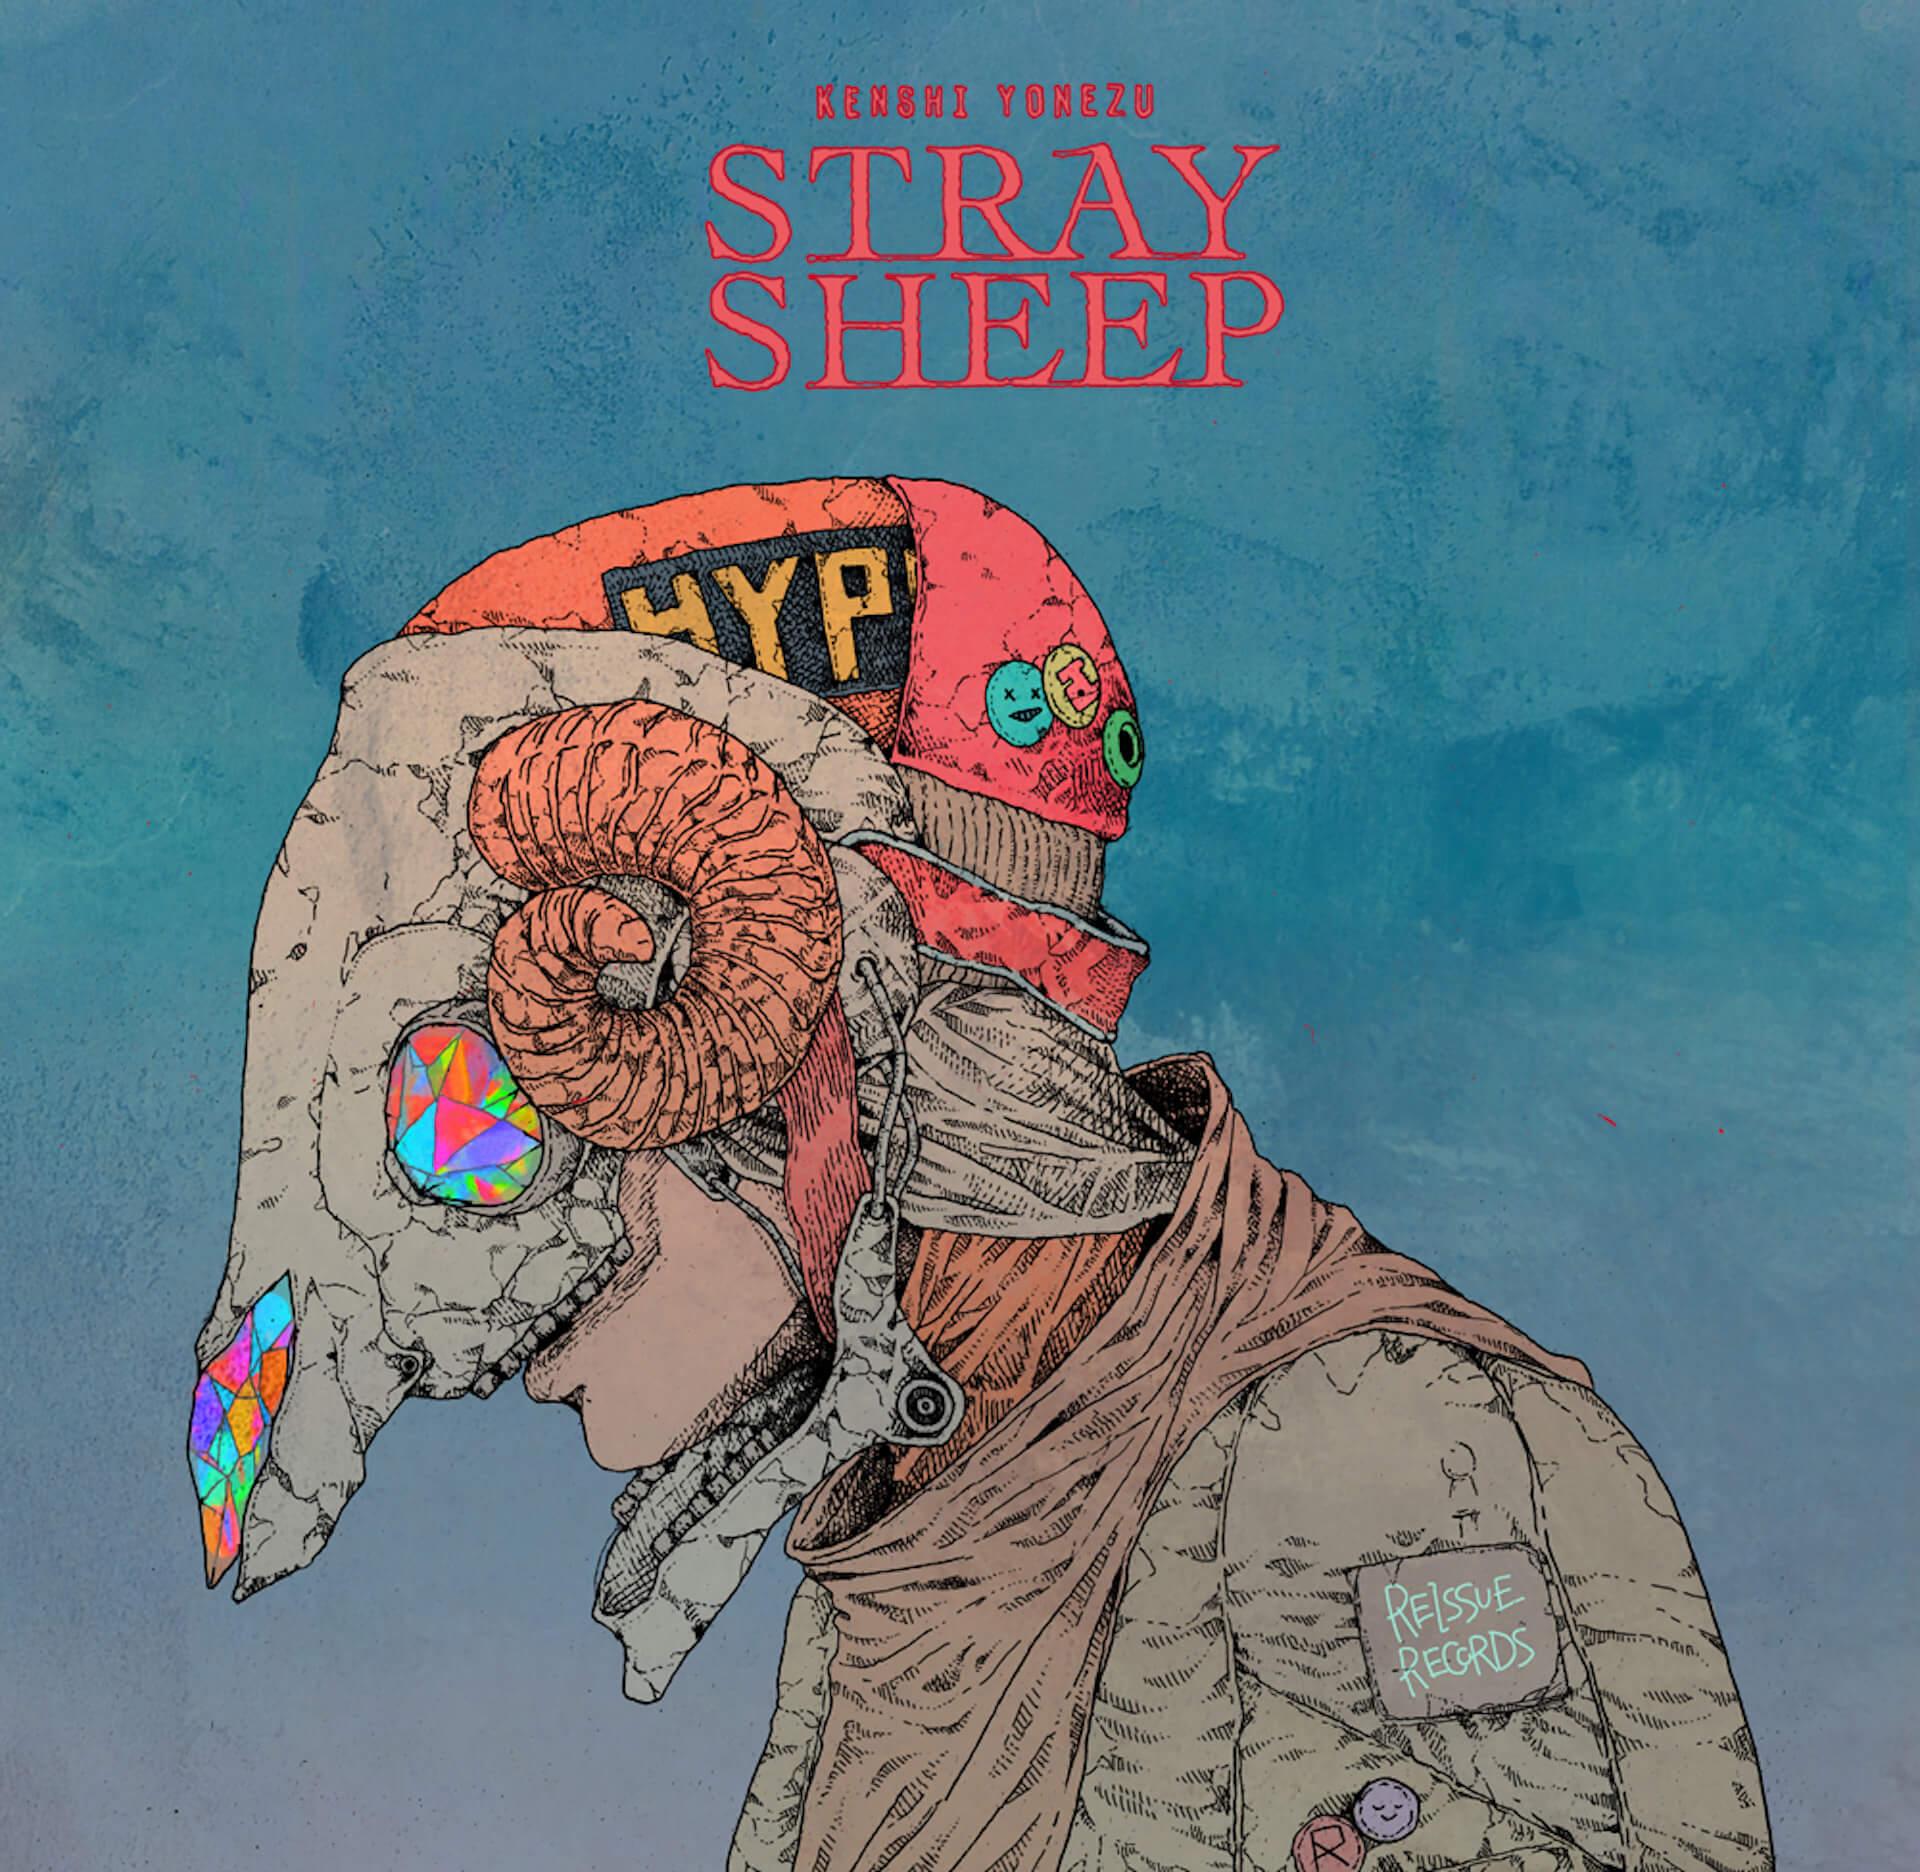 米津玄師『STRAY SHEEP』が今度は日本レコード協会史上初の快挙!配信月ゴールド認定授与 music200923_yonezukenshi_2